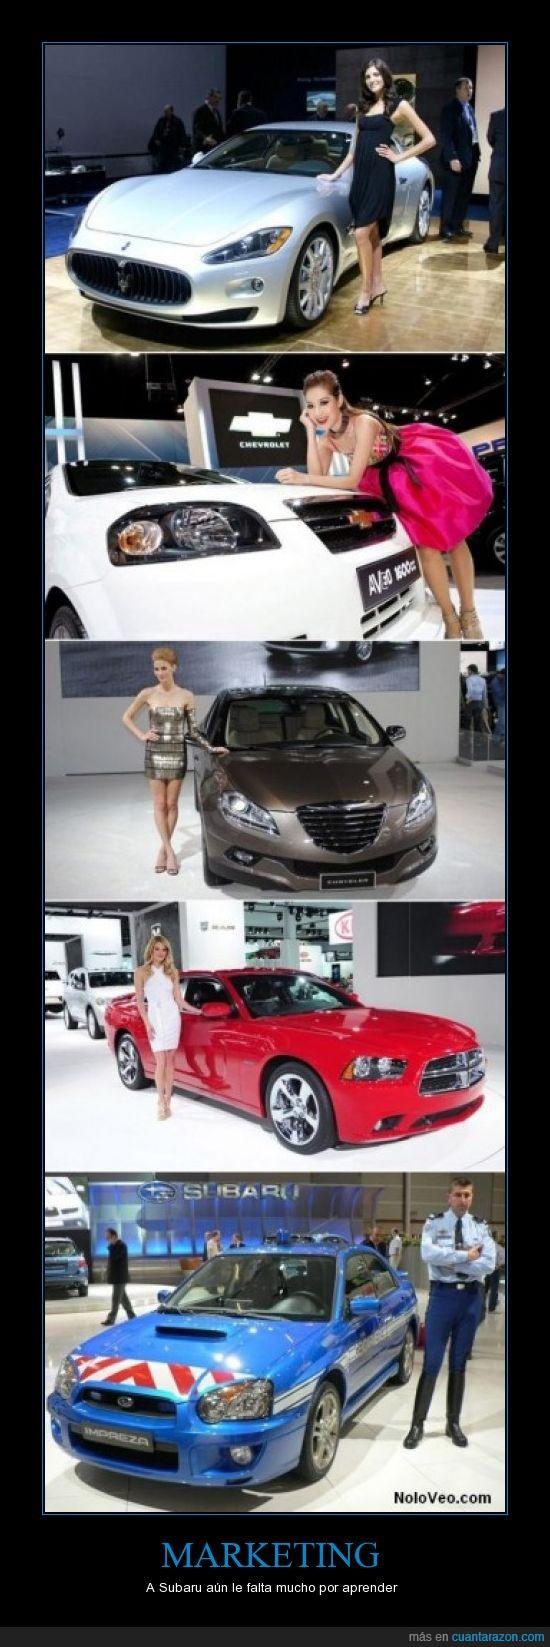 chicas,coches,marketing,publicidad